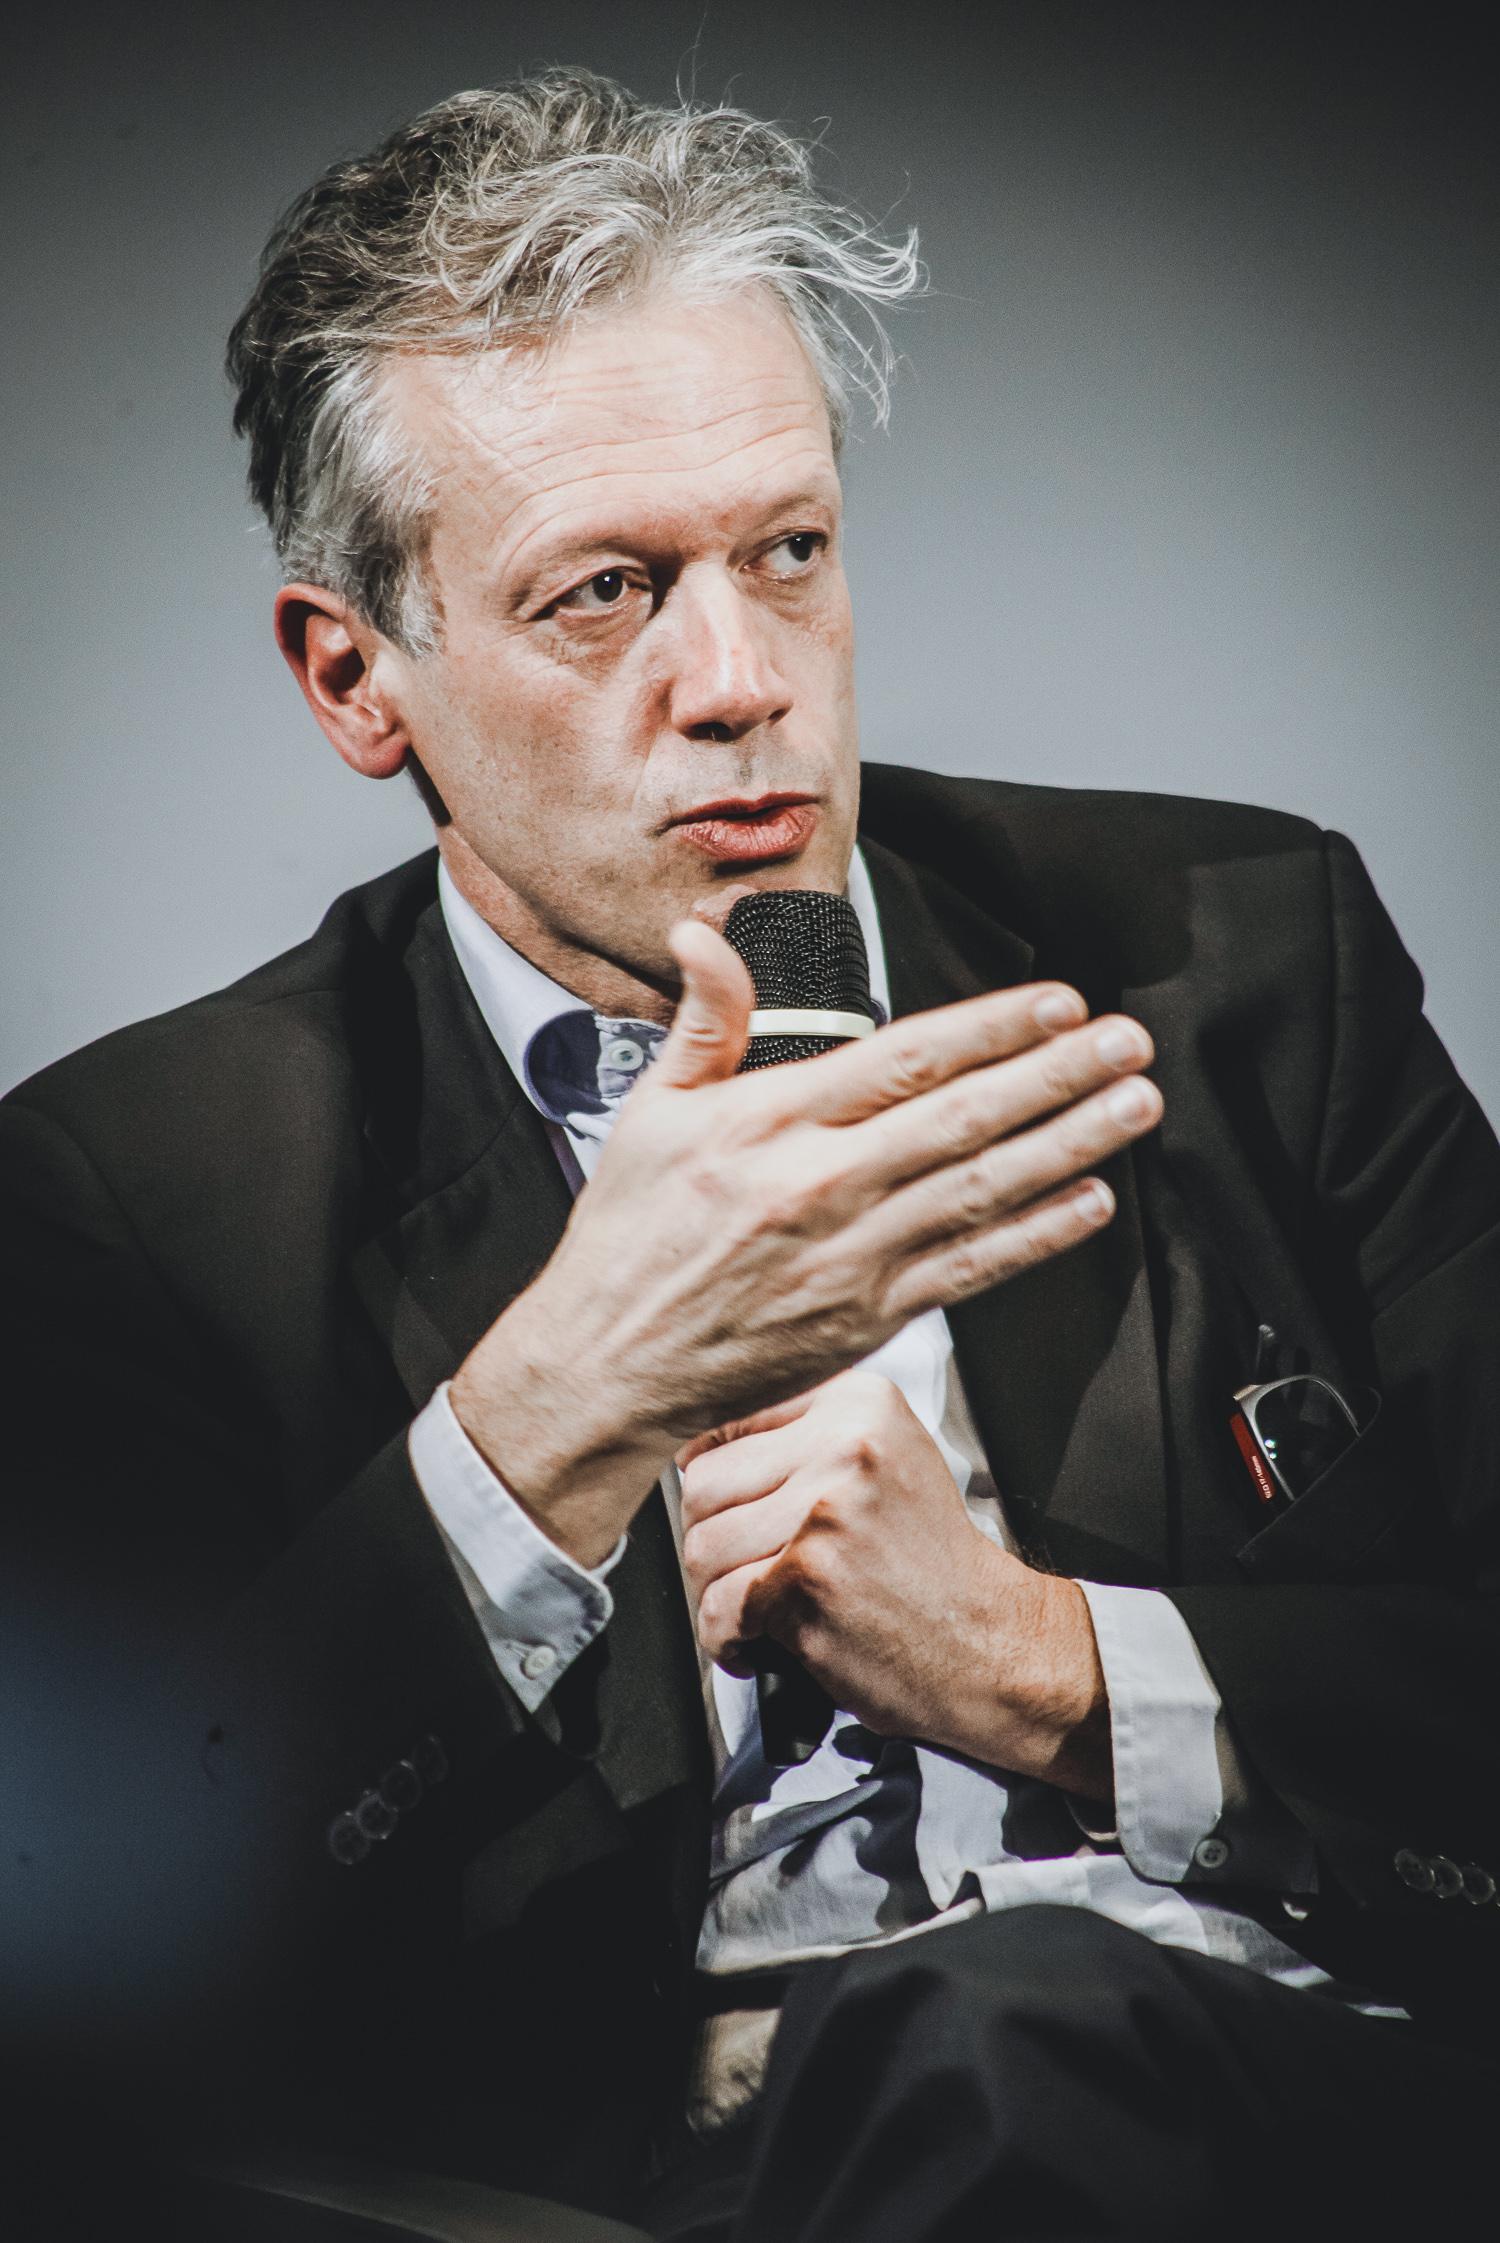 Hugues Le Bret (Compte Nickel) - IN BANQUE 2016 - Crédit photo : Guillermo Gomez